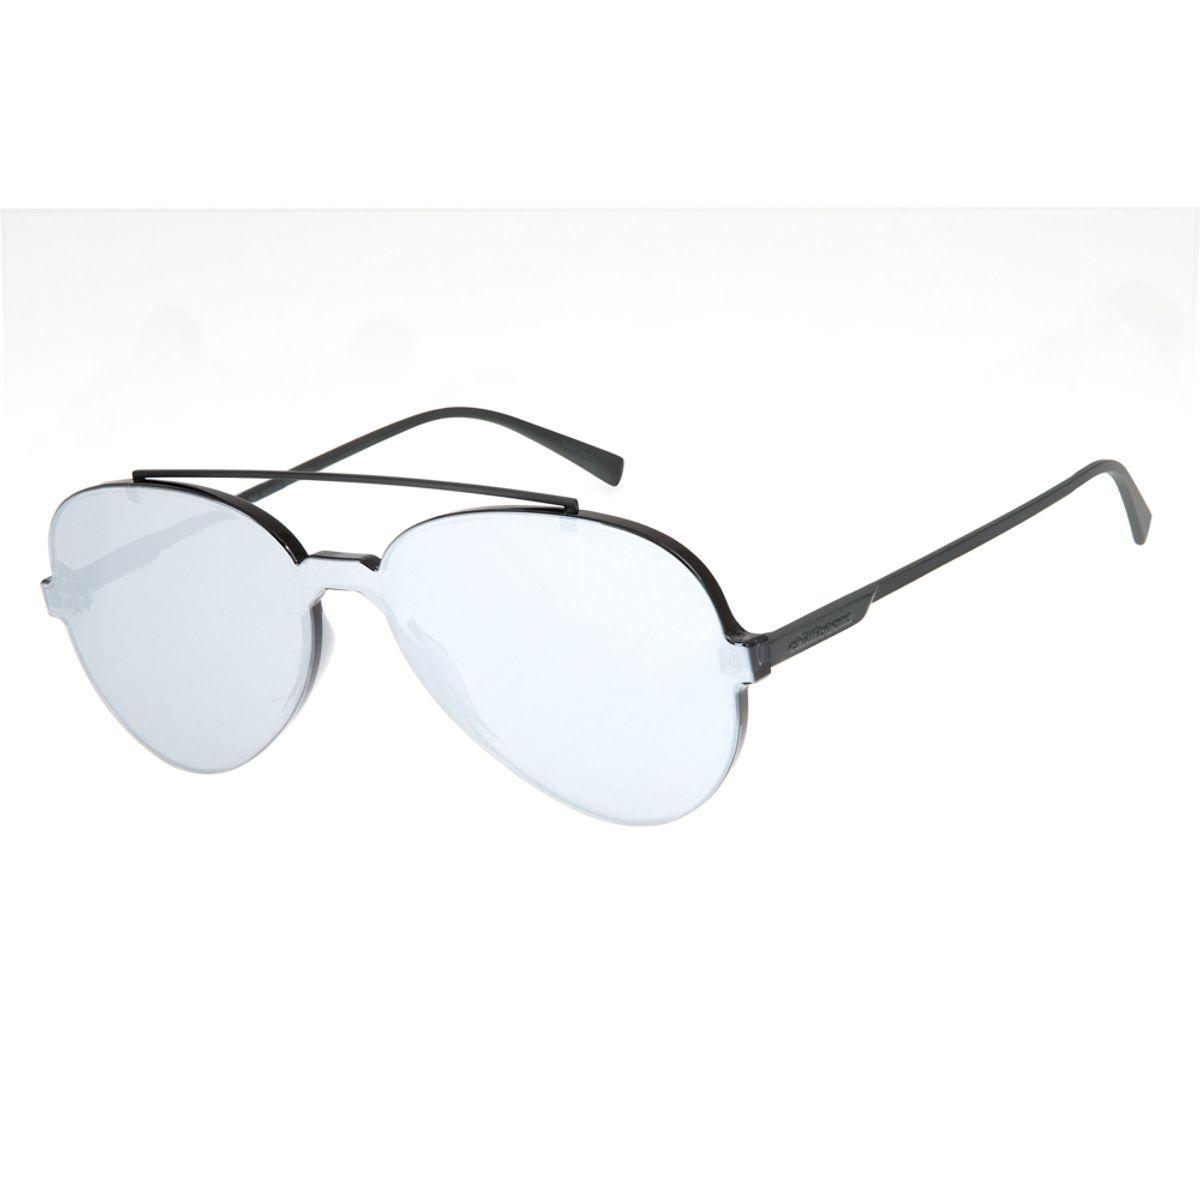 4c89e877a Óculos De Sol Chilli Beans Aviador Unissex Summer Block Cinza ...